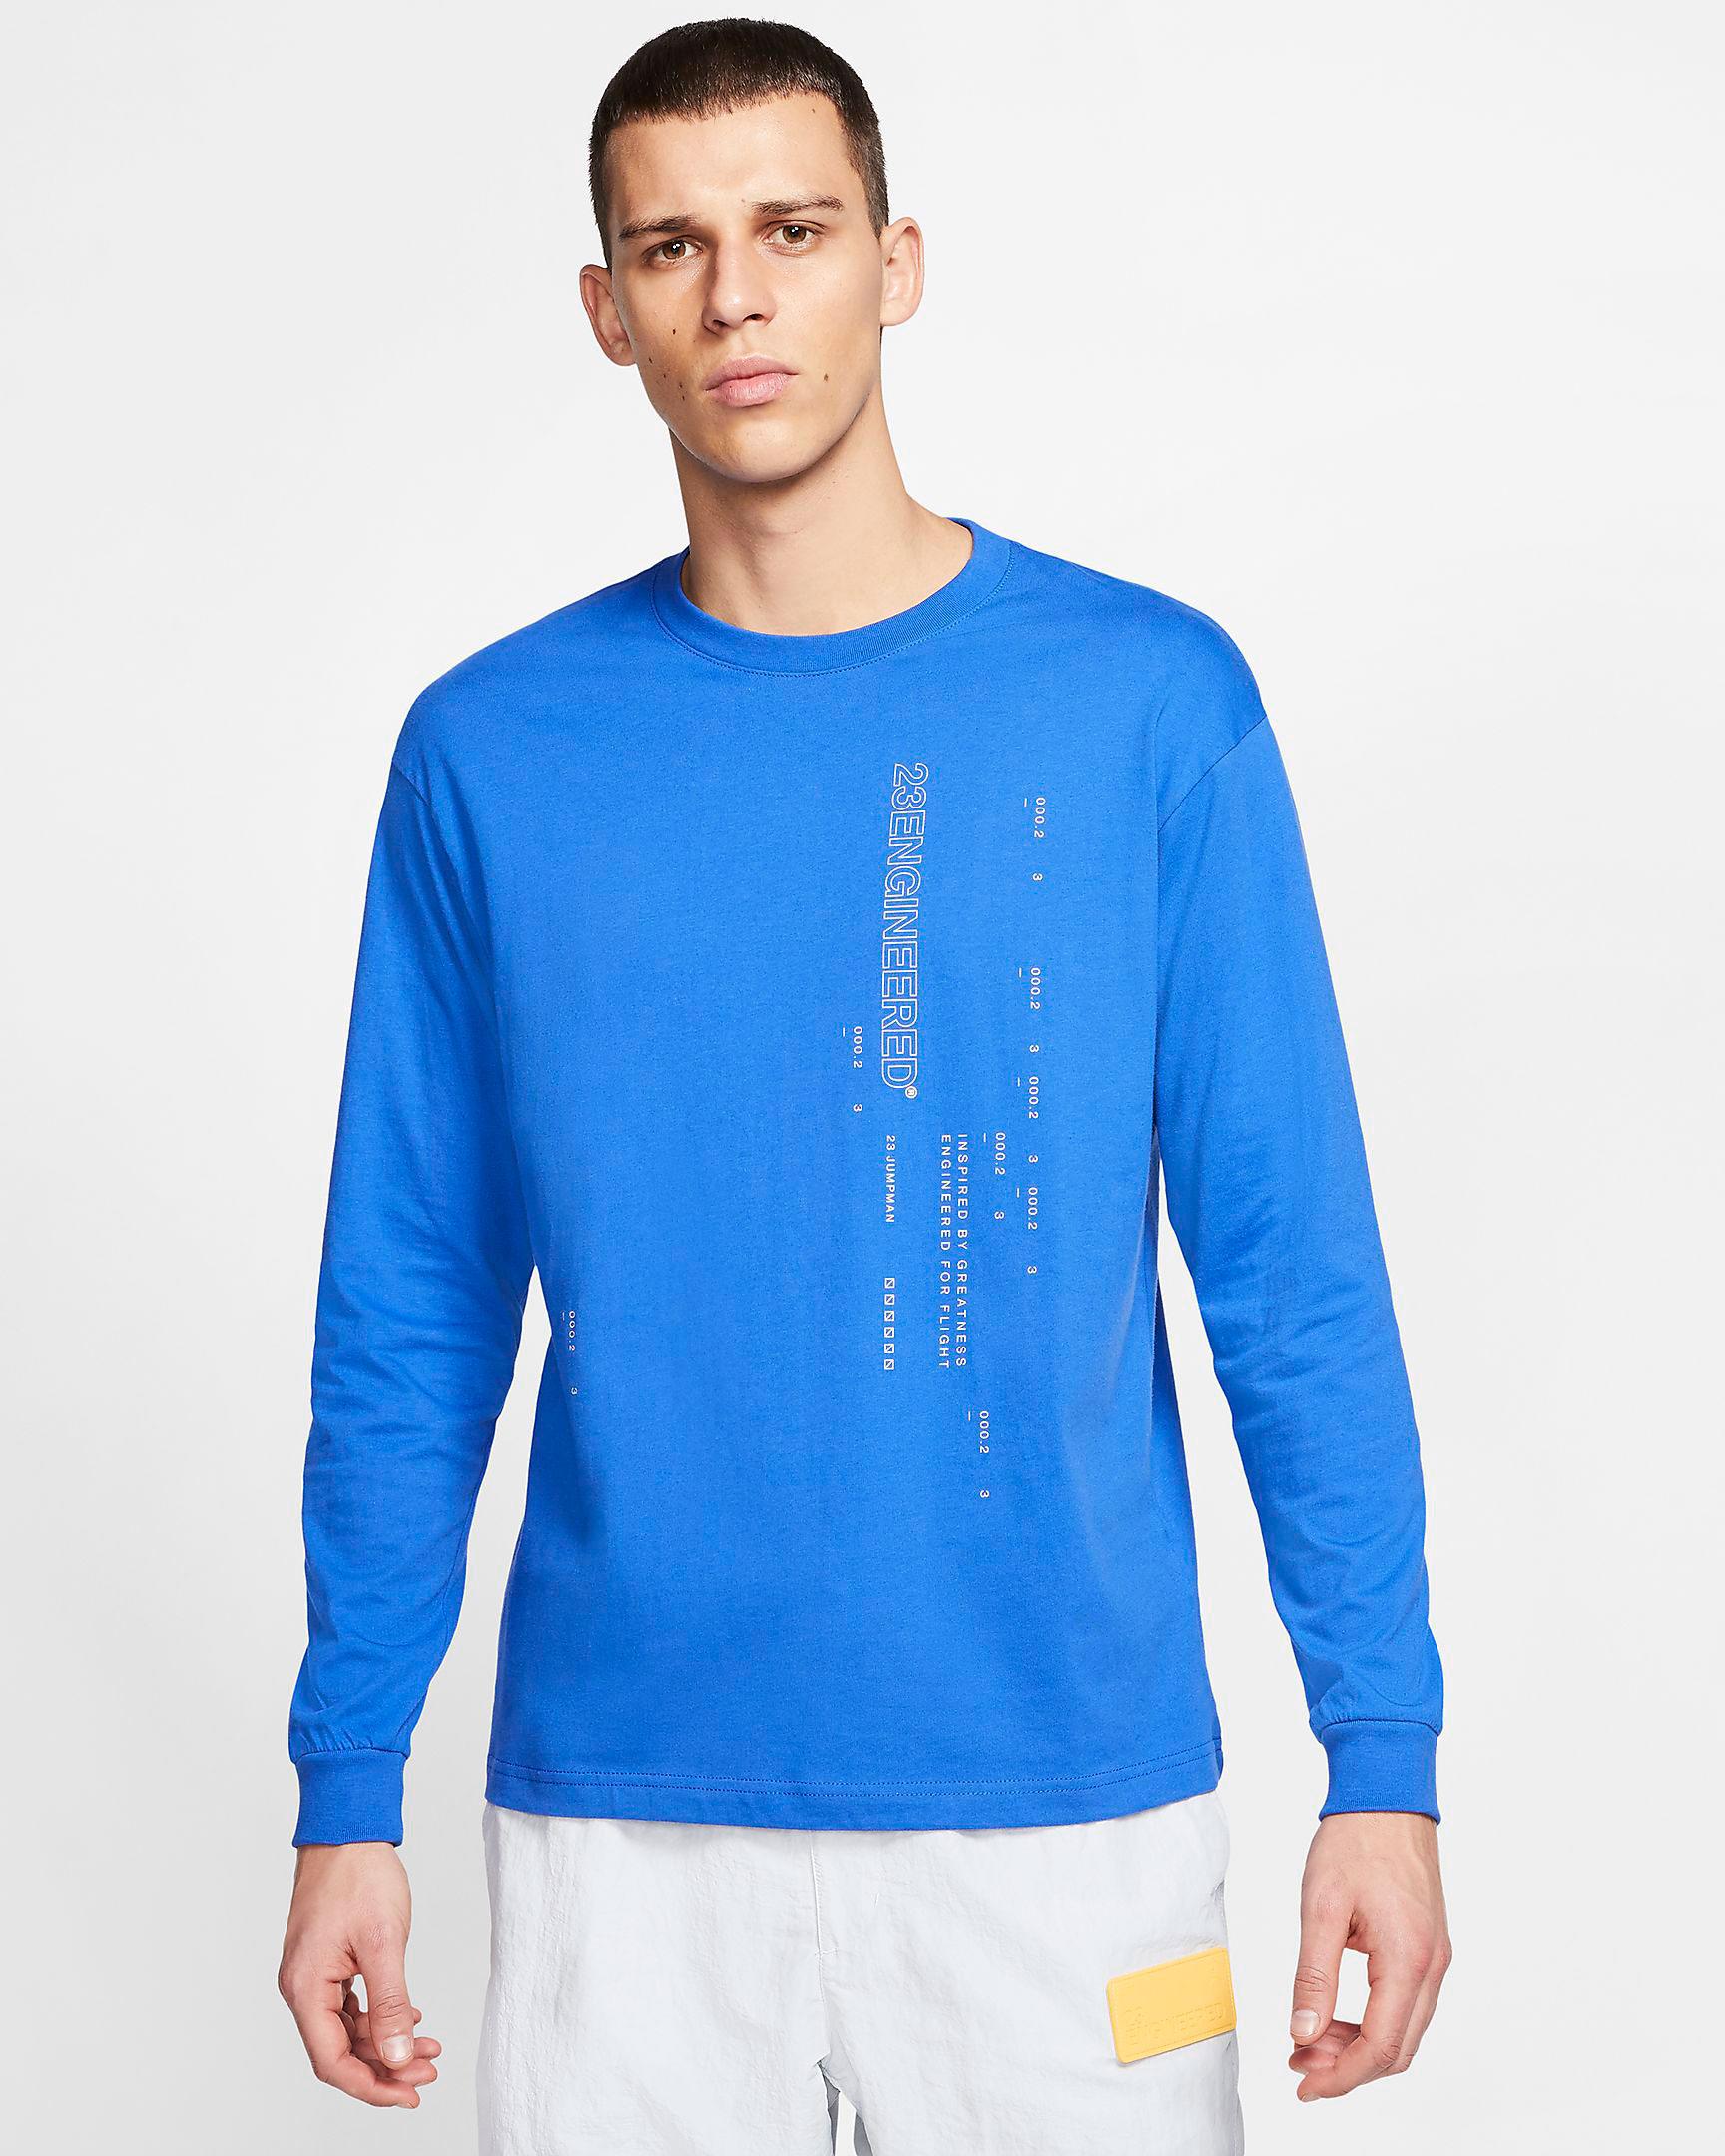 jordan-1-high-royal-toe-long-sleeve-shirt-1